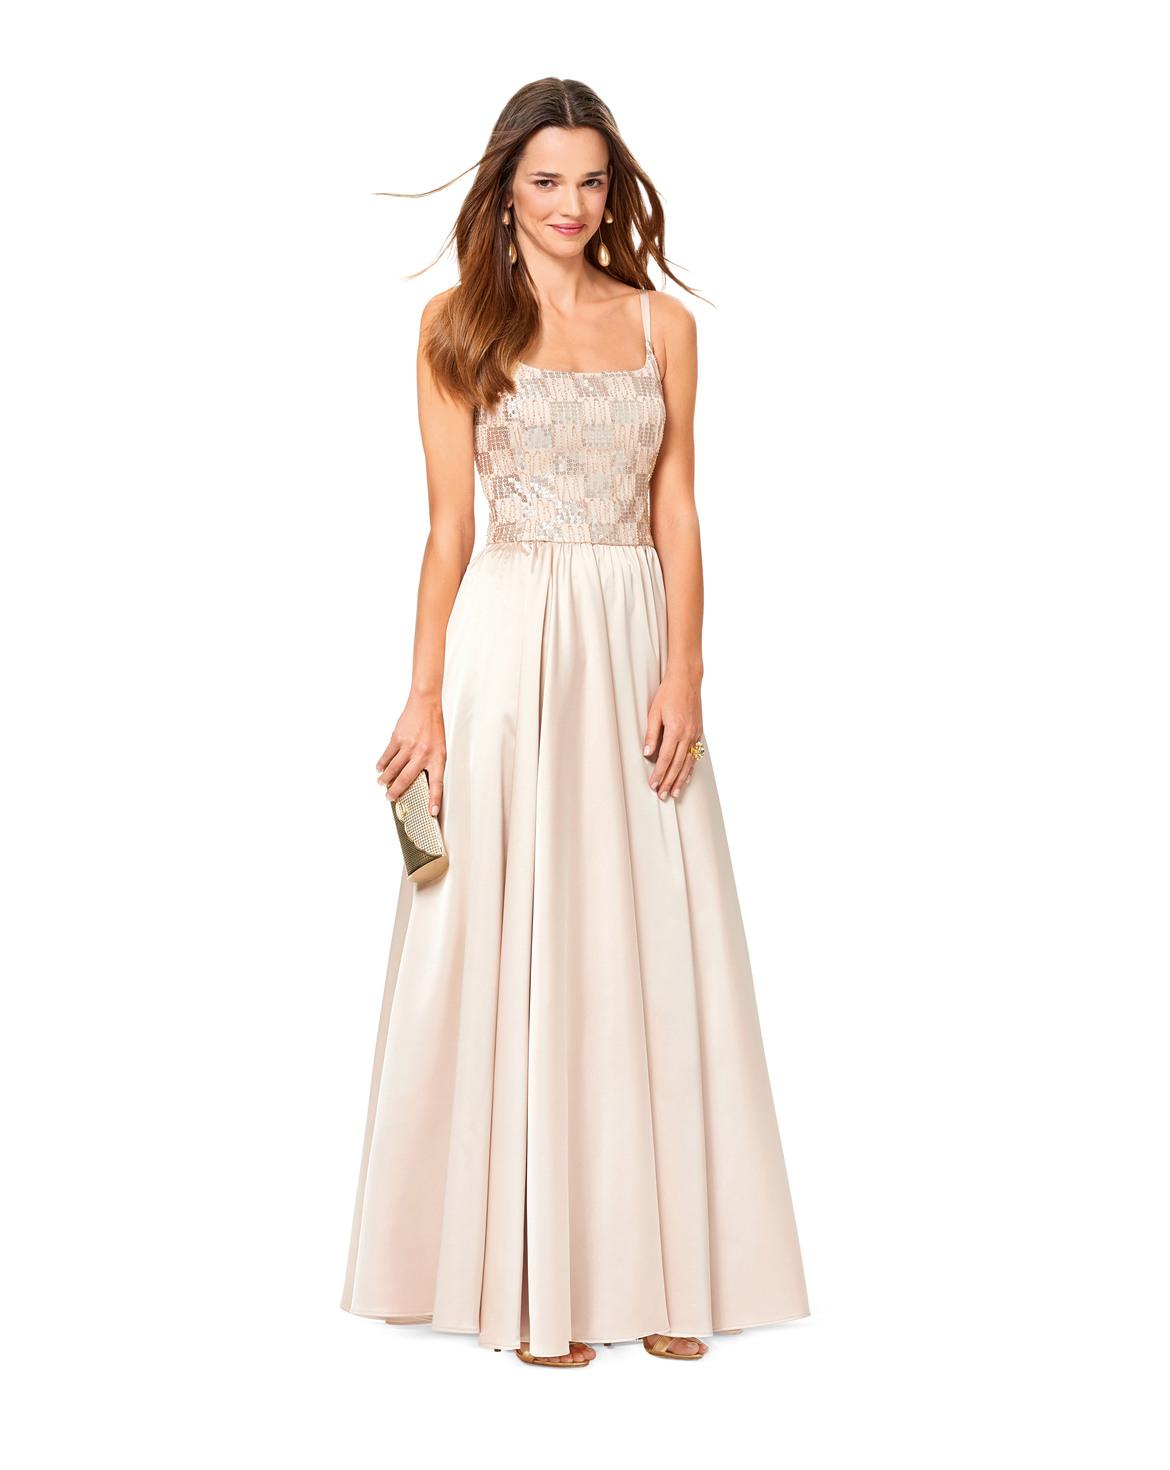 10 Schön Abendkleid Nähen VertriebAbend Einzigartig Abendkleid Nähen Boutique